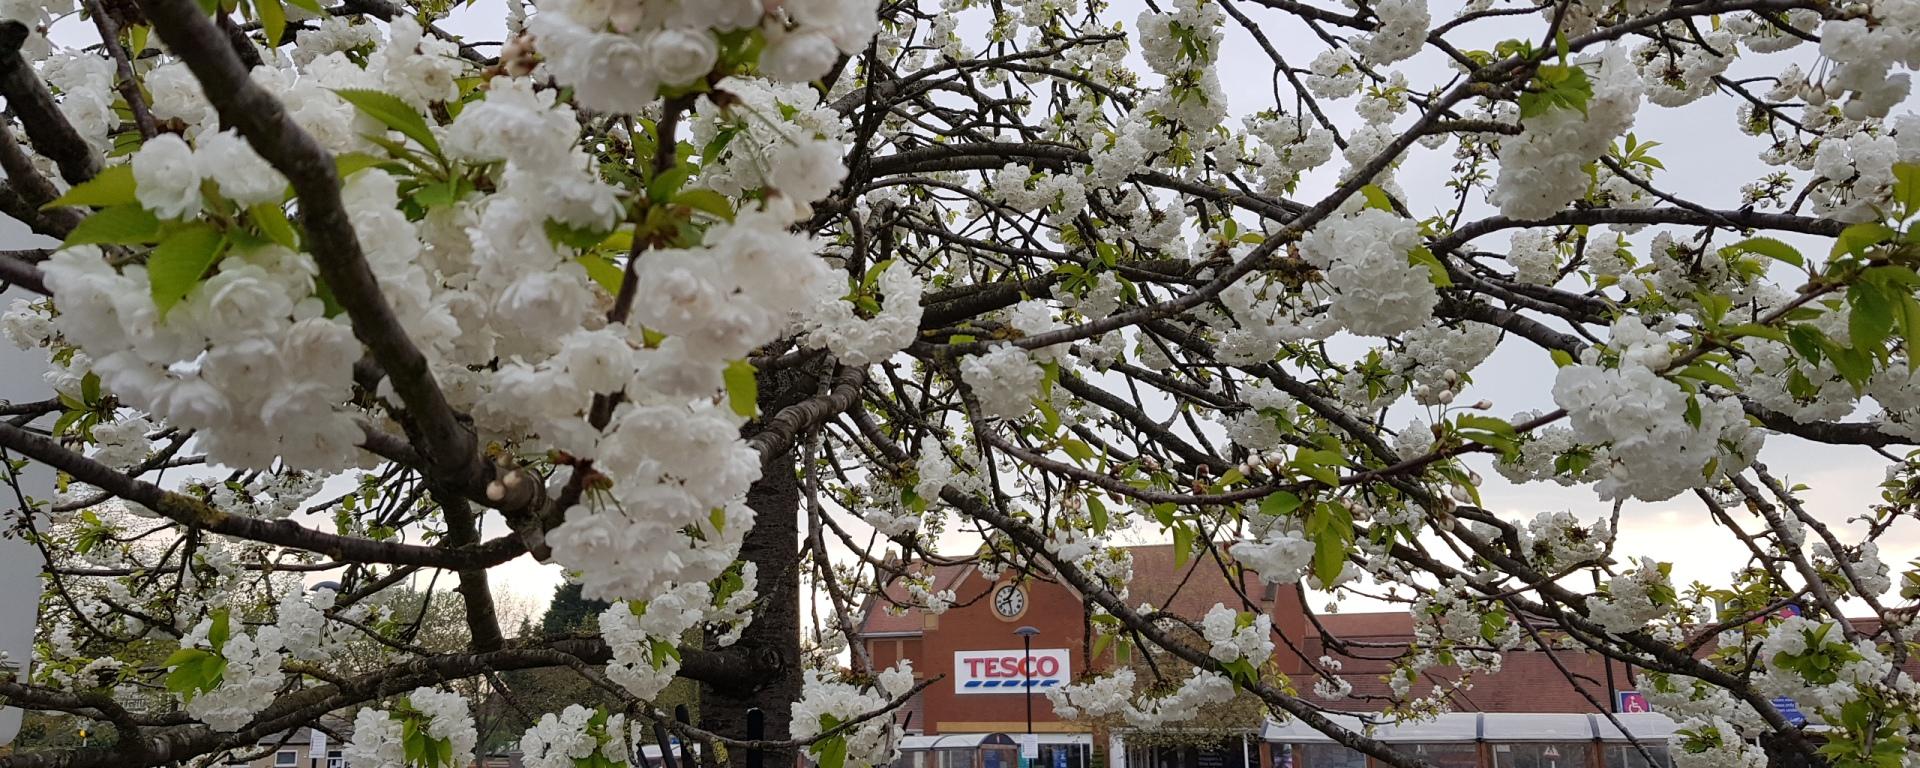 tesco in spring blossom